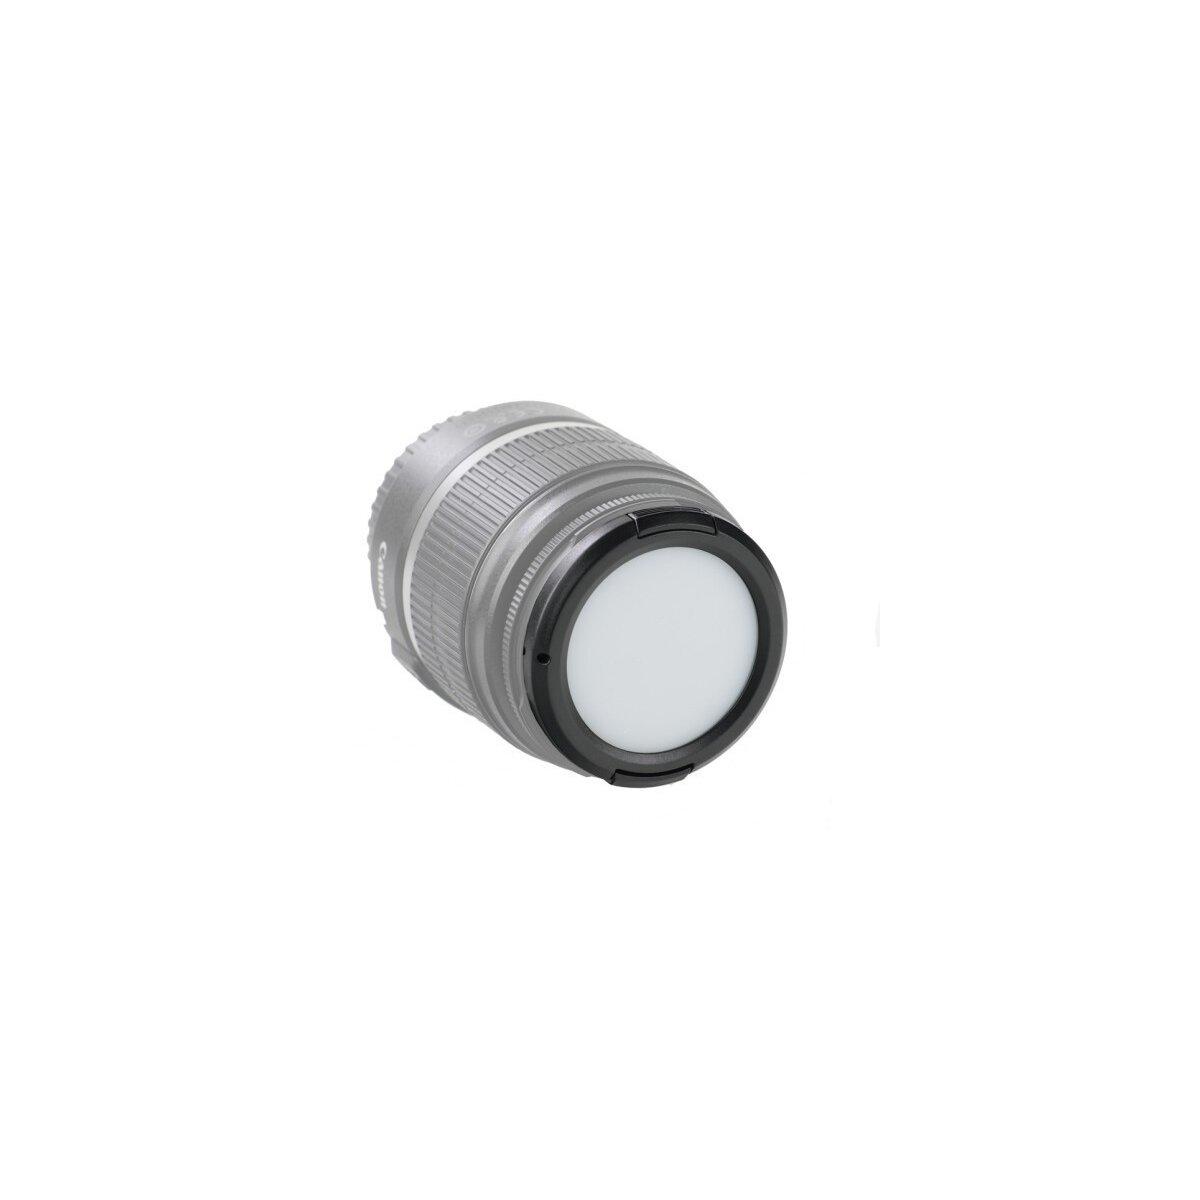 Weißabgleich Schnappdeckel 67mm - White Balance Cap 67mm - Graukarte, Objektivdeckel